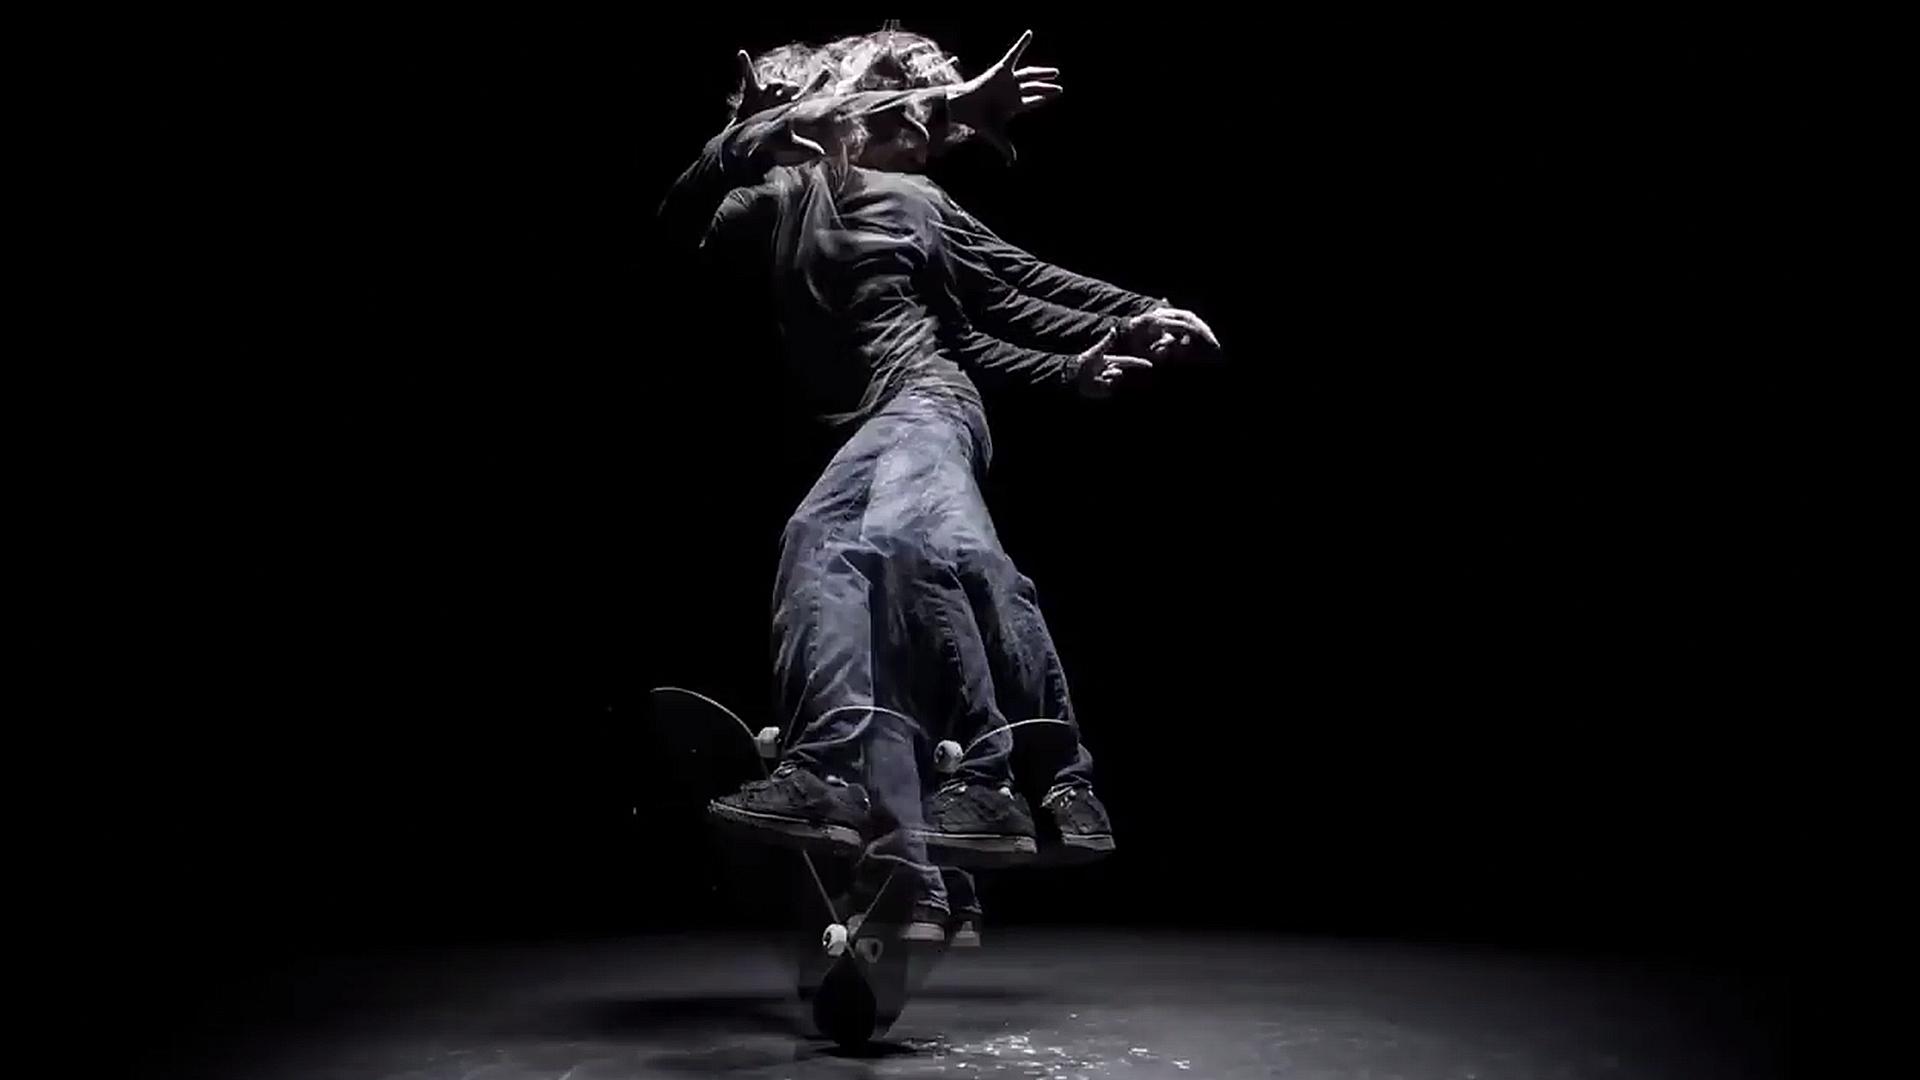 In seinem neuen Video kehrt Rodney zu seinen Freestyle-Wurzeln zurück